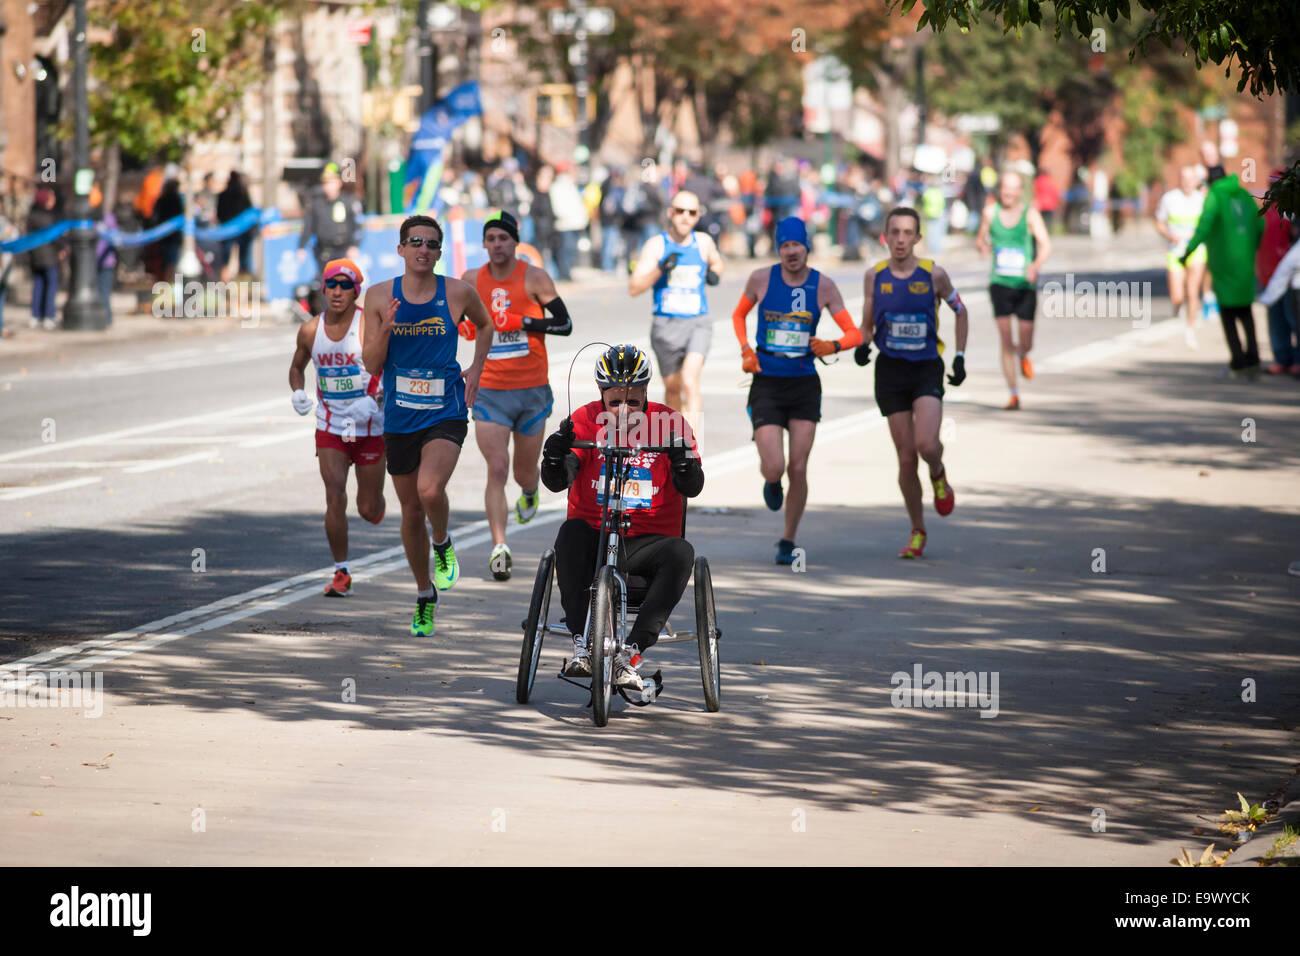 Läufer, einschließlich einen Rollstuhl Teilnehmer durchlaufen Harlem in New York City Marathon Stockbild